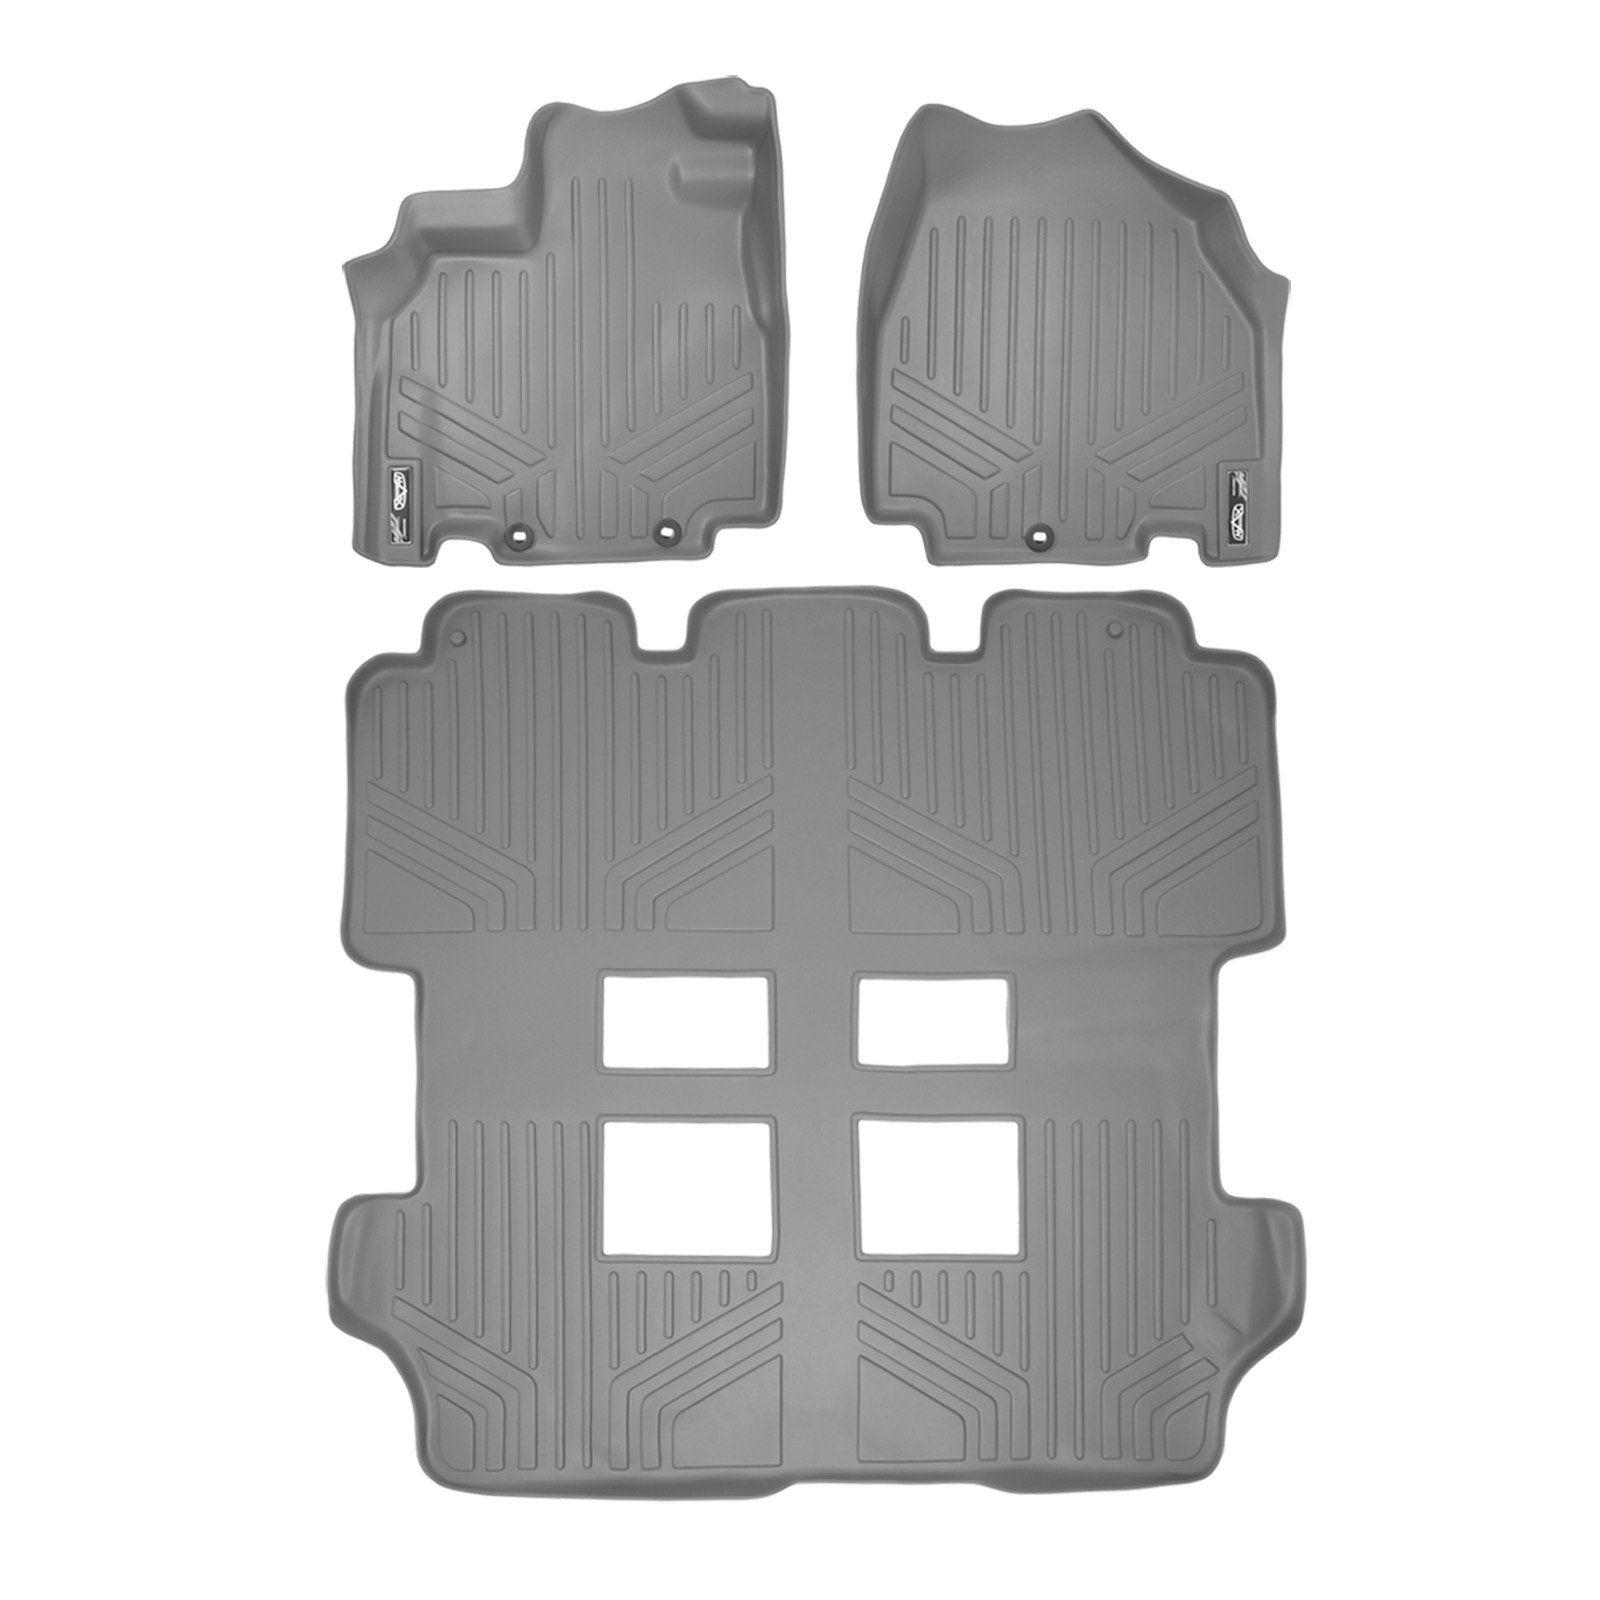 Maxliner Floor Mats 3 Row Liner Set Grey For 2011 2017 Honda